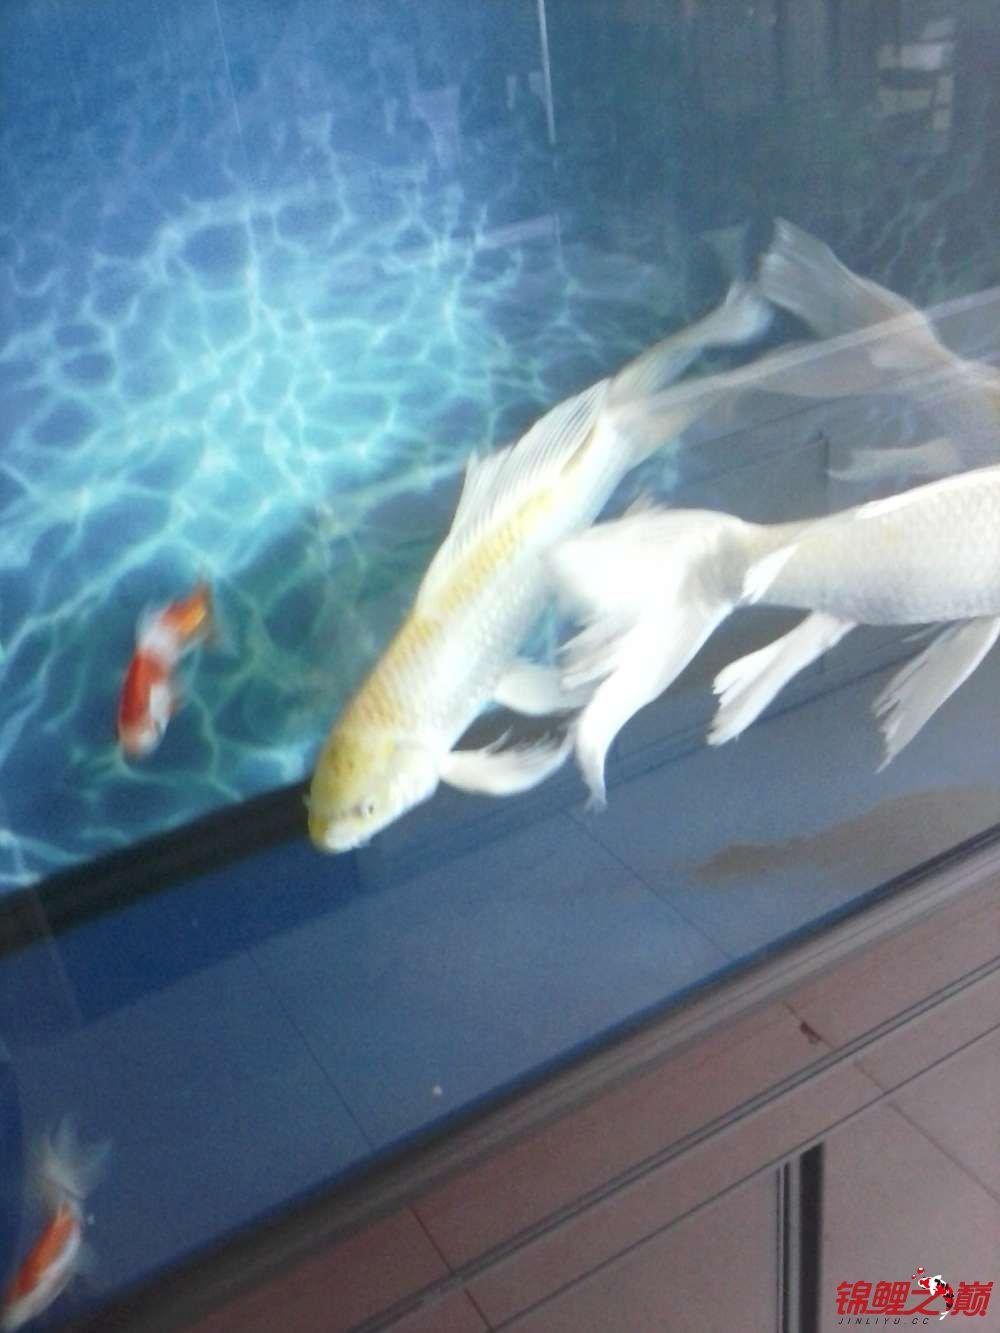 【西安黄化银龙】超大龙凤有图有真相 西安龙鱼论坛 西安博特第4张